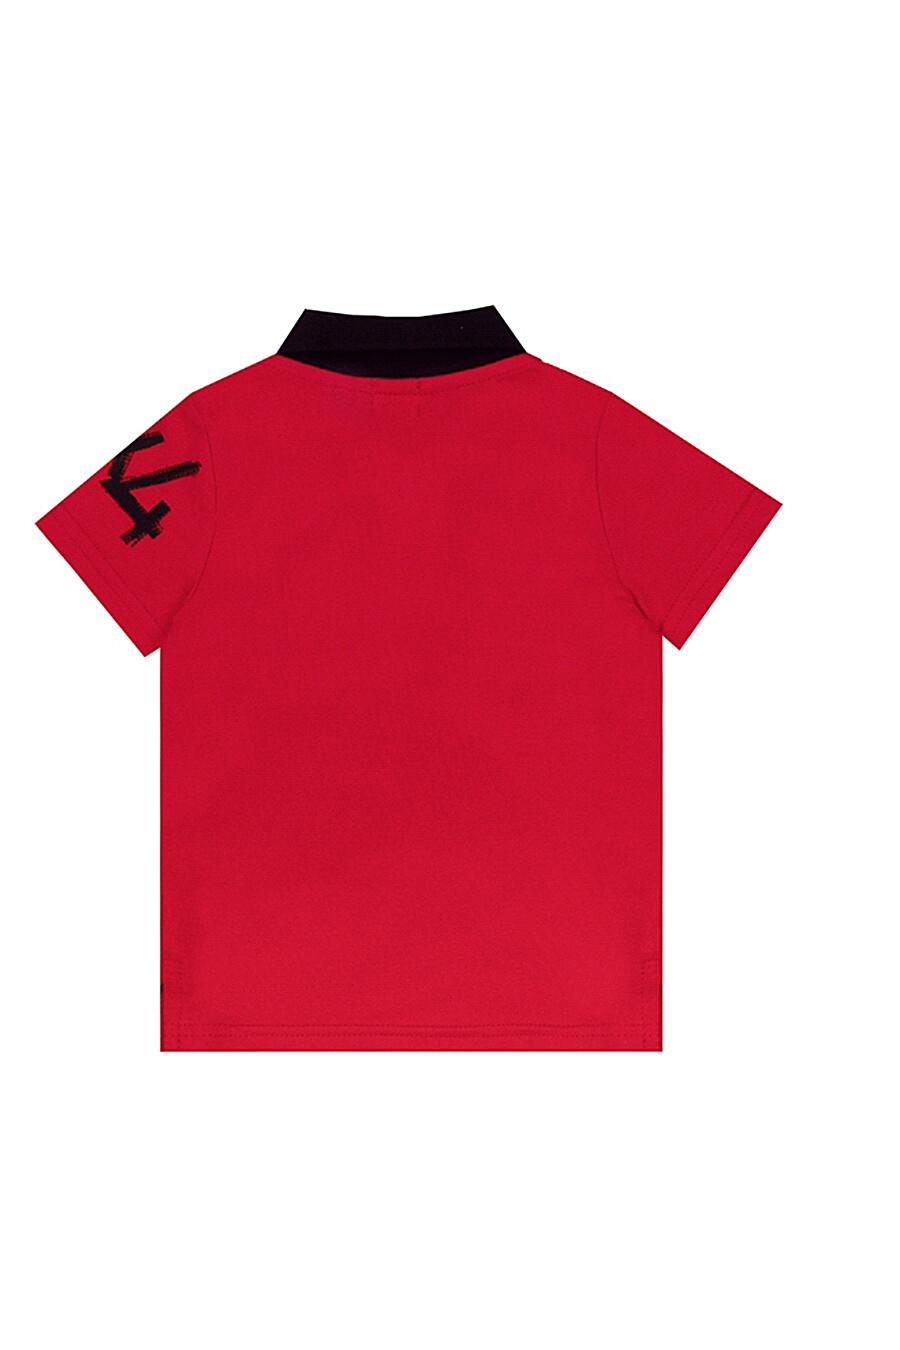 Футболка-поло для мальчиков АПРЕЛЬ 700218 купить оптом от производителя. Совместная покупка детской одежды в OptMoyo